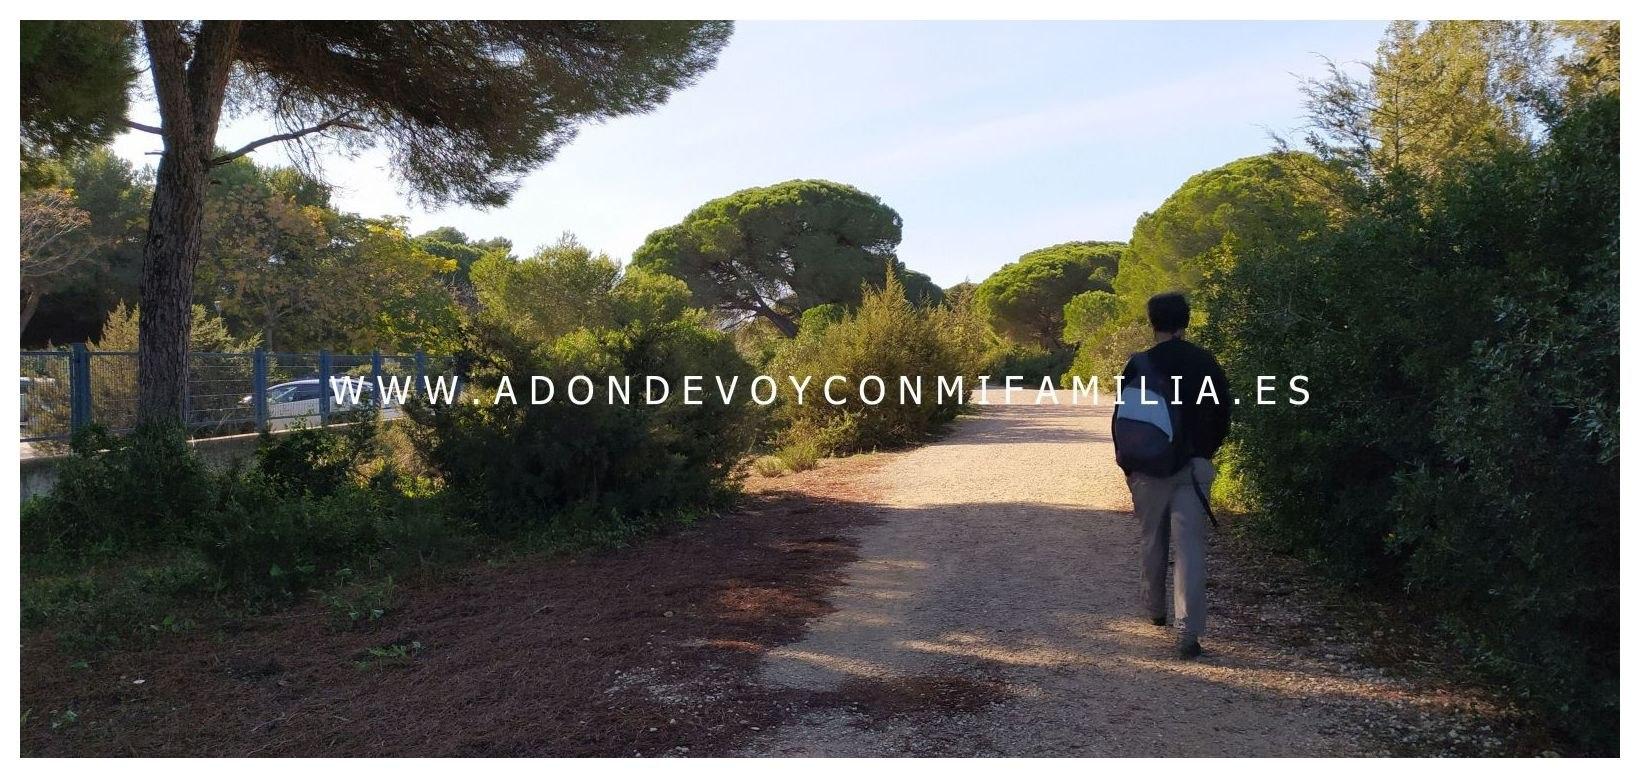 sendero-pinar-de-la-algaida-Adondevoyconmifamilia-25